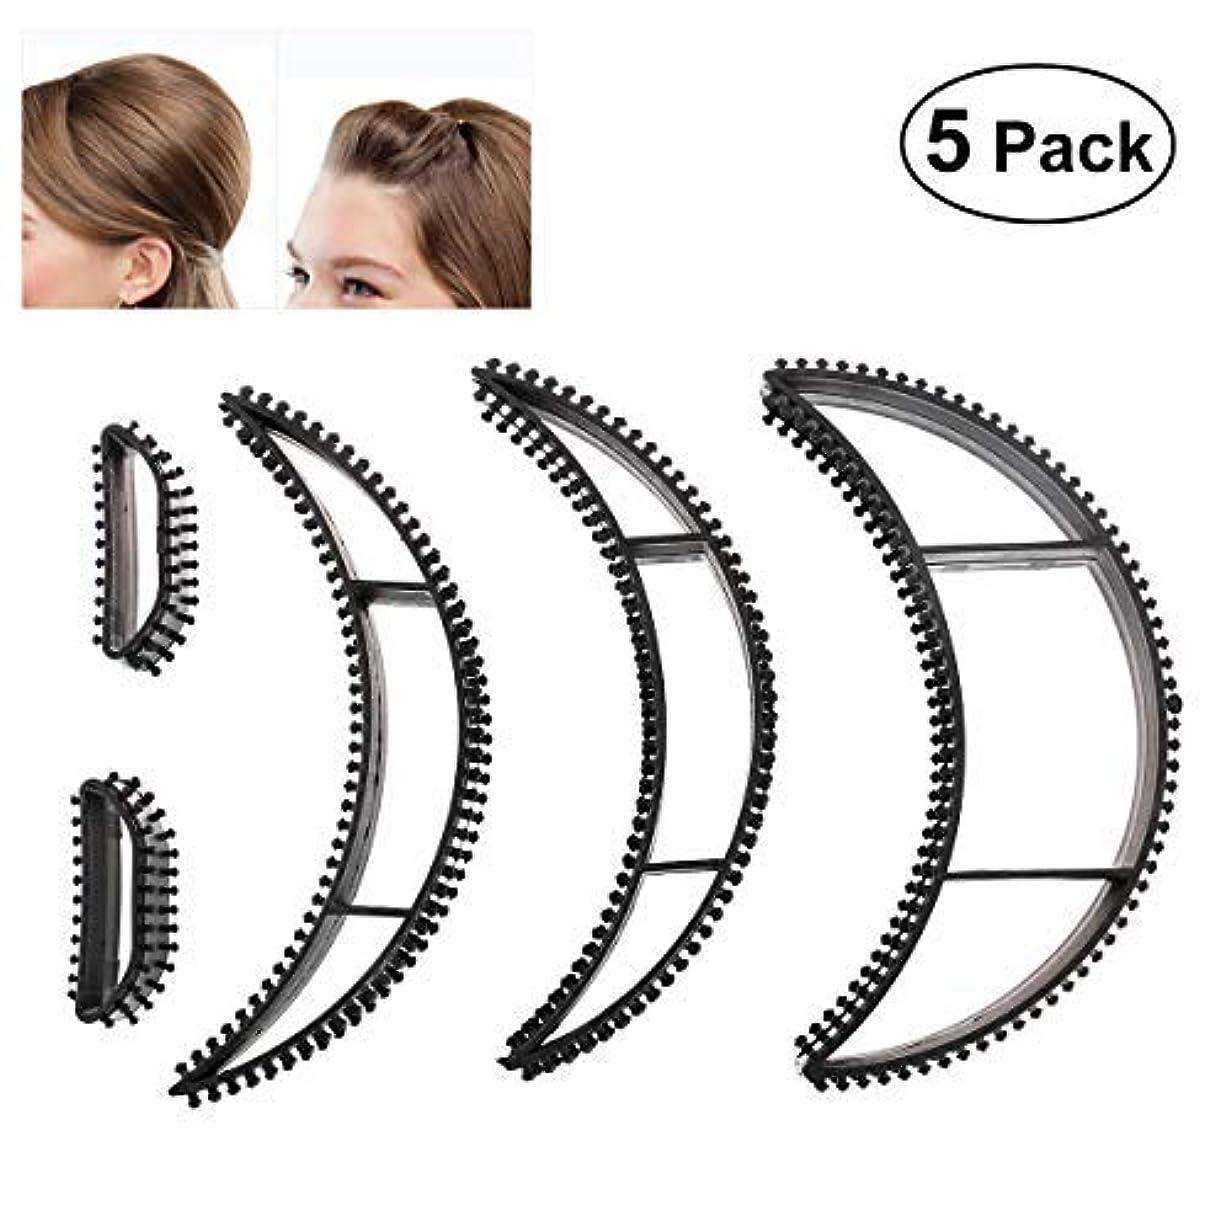 腹挨拶するサイバースペースTinksky Big Bumpits Happie Hair Volumizing Inserts Hair Pump Beauty Set Tool Gift,Pack of 5 (Black) [並行輸入品]